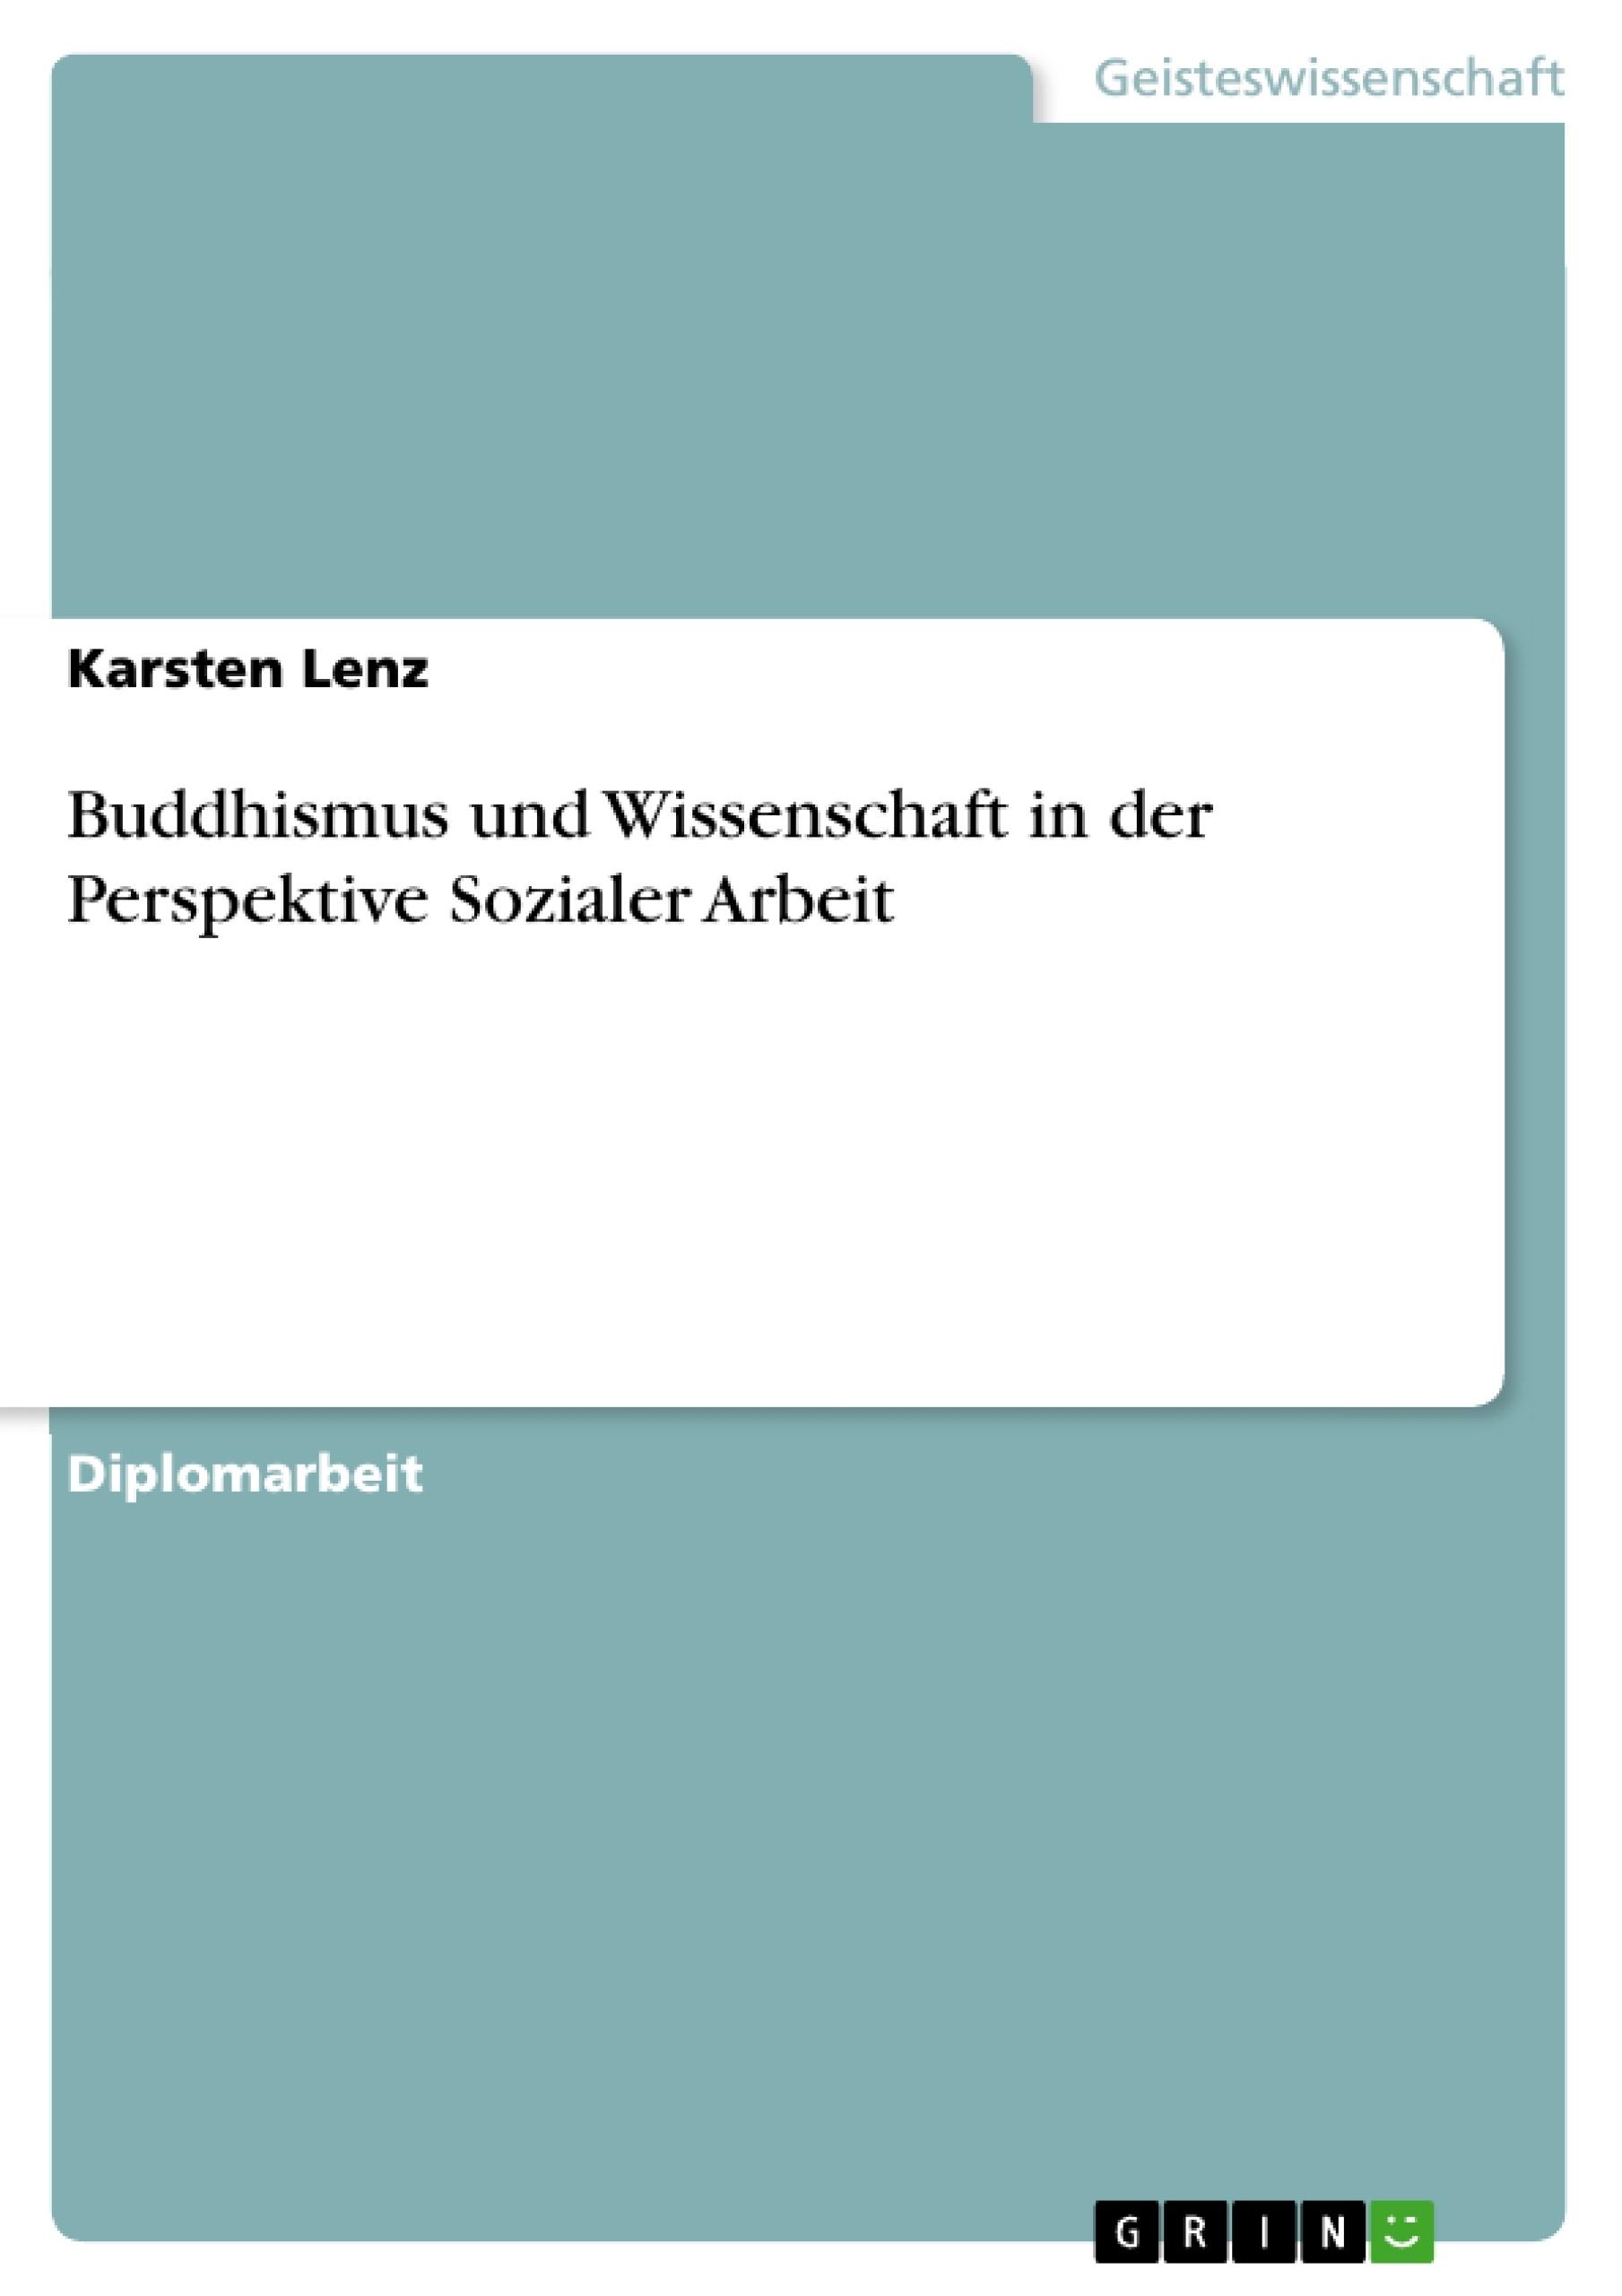 Titel: Buddhismus und Wissenschaft in der Perspektive Sozialer Arbeit